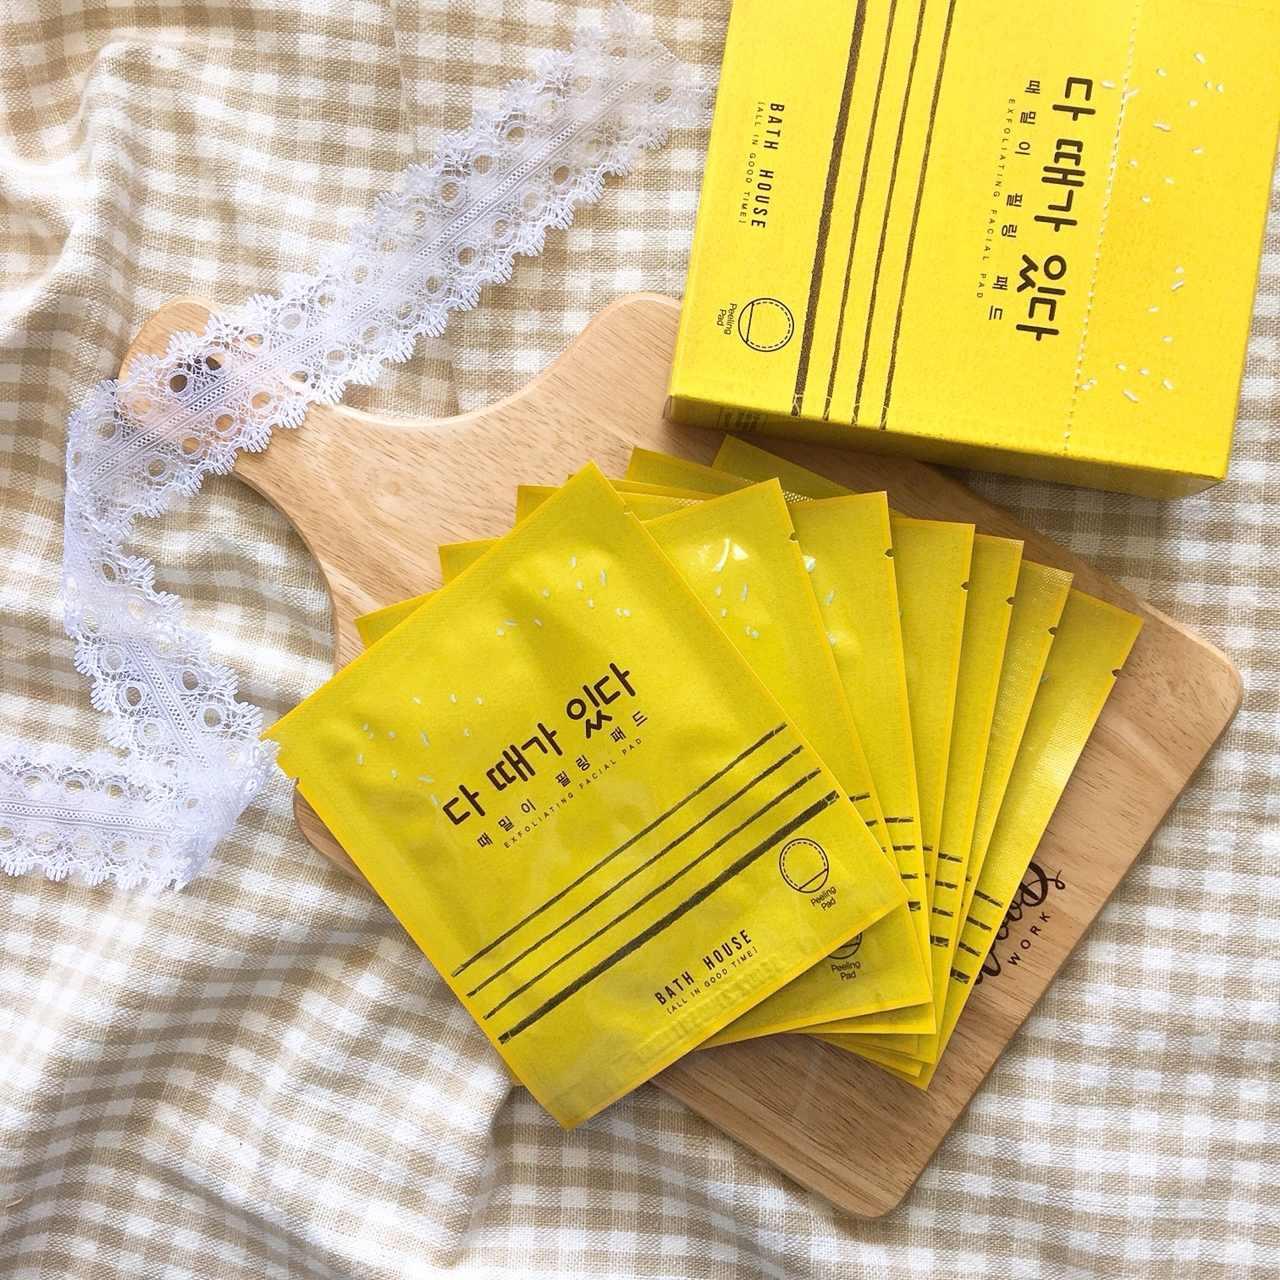 #BATH HOUSE 擊碎角質 保濕鎮靜去角質棉片:剛剛的去角質效果不夠力,想要專門去角質的產品,那麼女神推薦妳這款最近在韓國的超夯保濕鎮靜去角質棉片,號稱「角質殺手」,輕輕一搓就能輕鬆去除臉上的老廢角質!